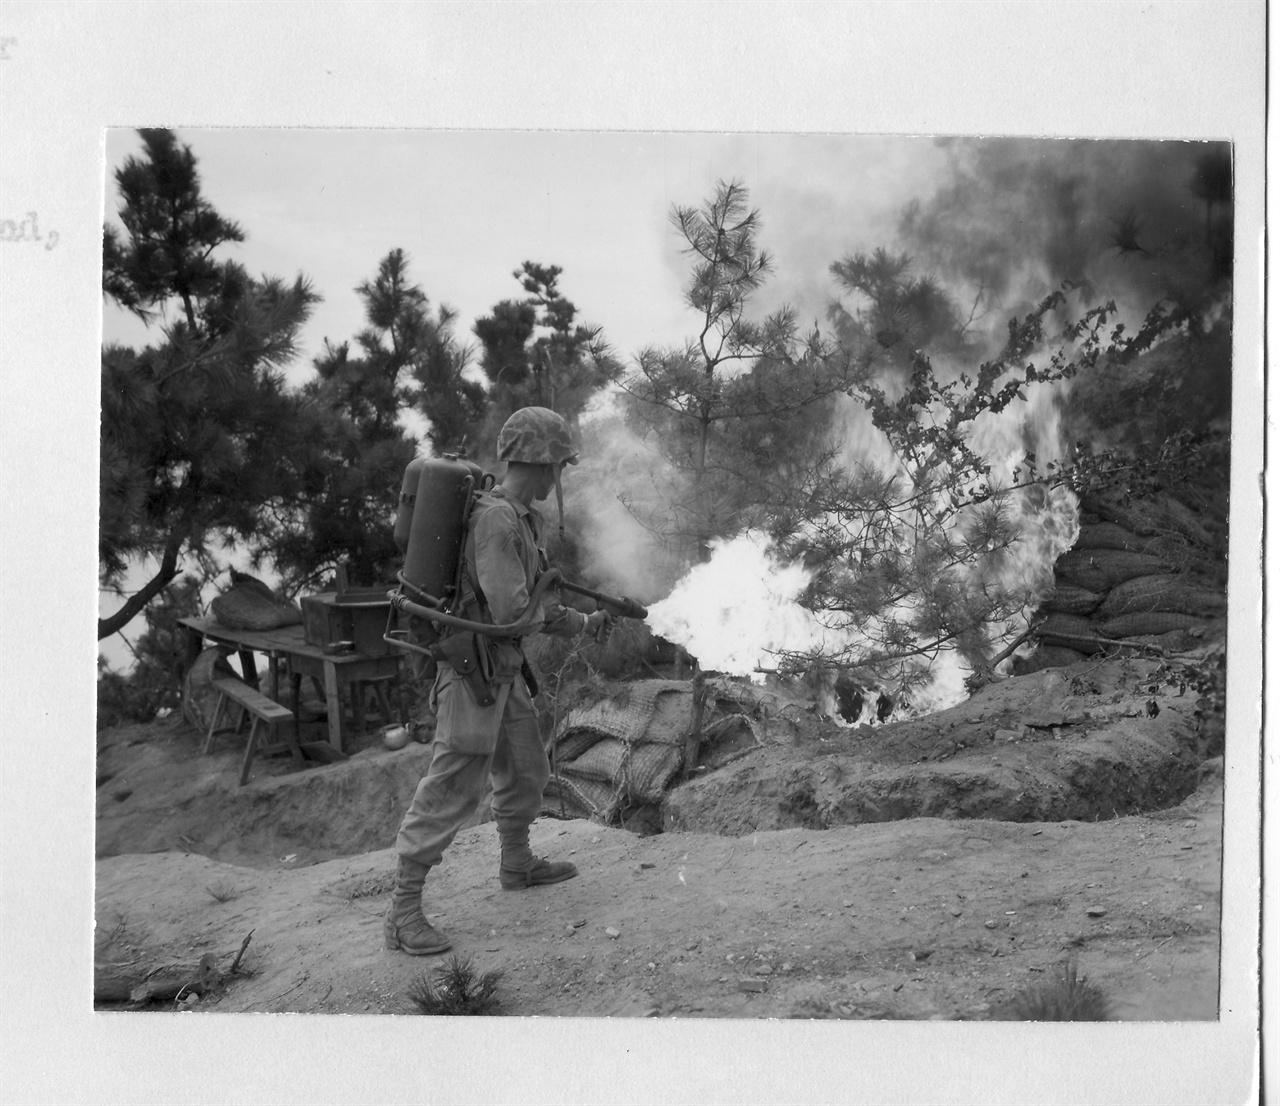 10. 인천에 상륙한 미 해병대가 인민군 참호에 화염방사기를 뿜고 있다(1950. 9. 15.).